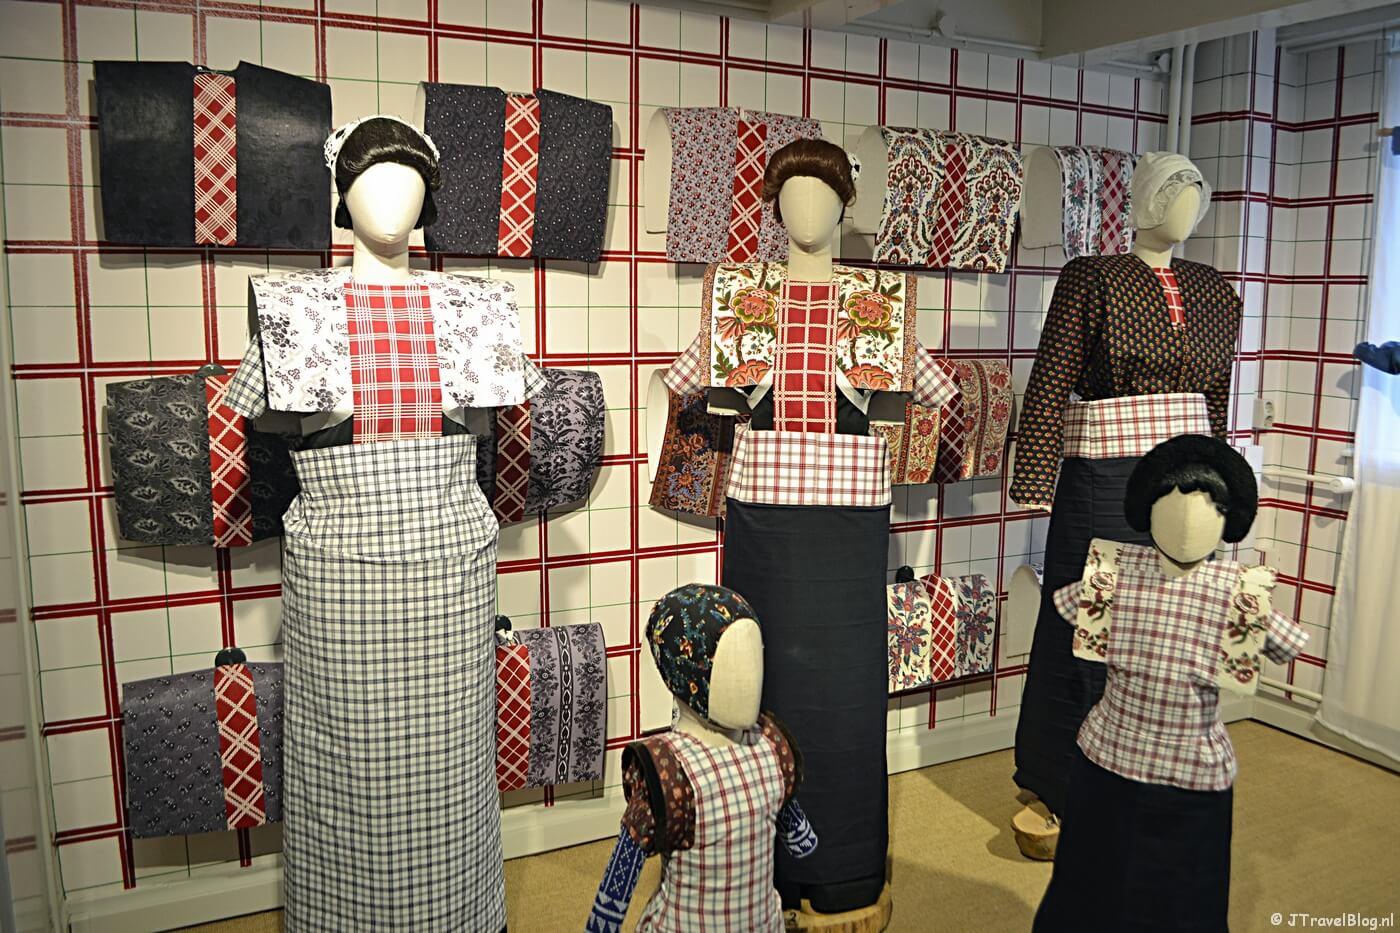 De klederdracht van Spakenburg in het Klederdrachtmuseum in Amsterdam